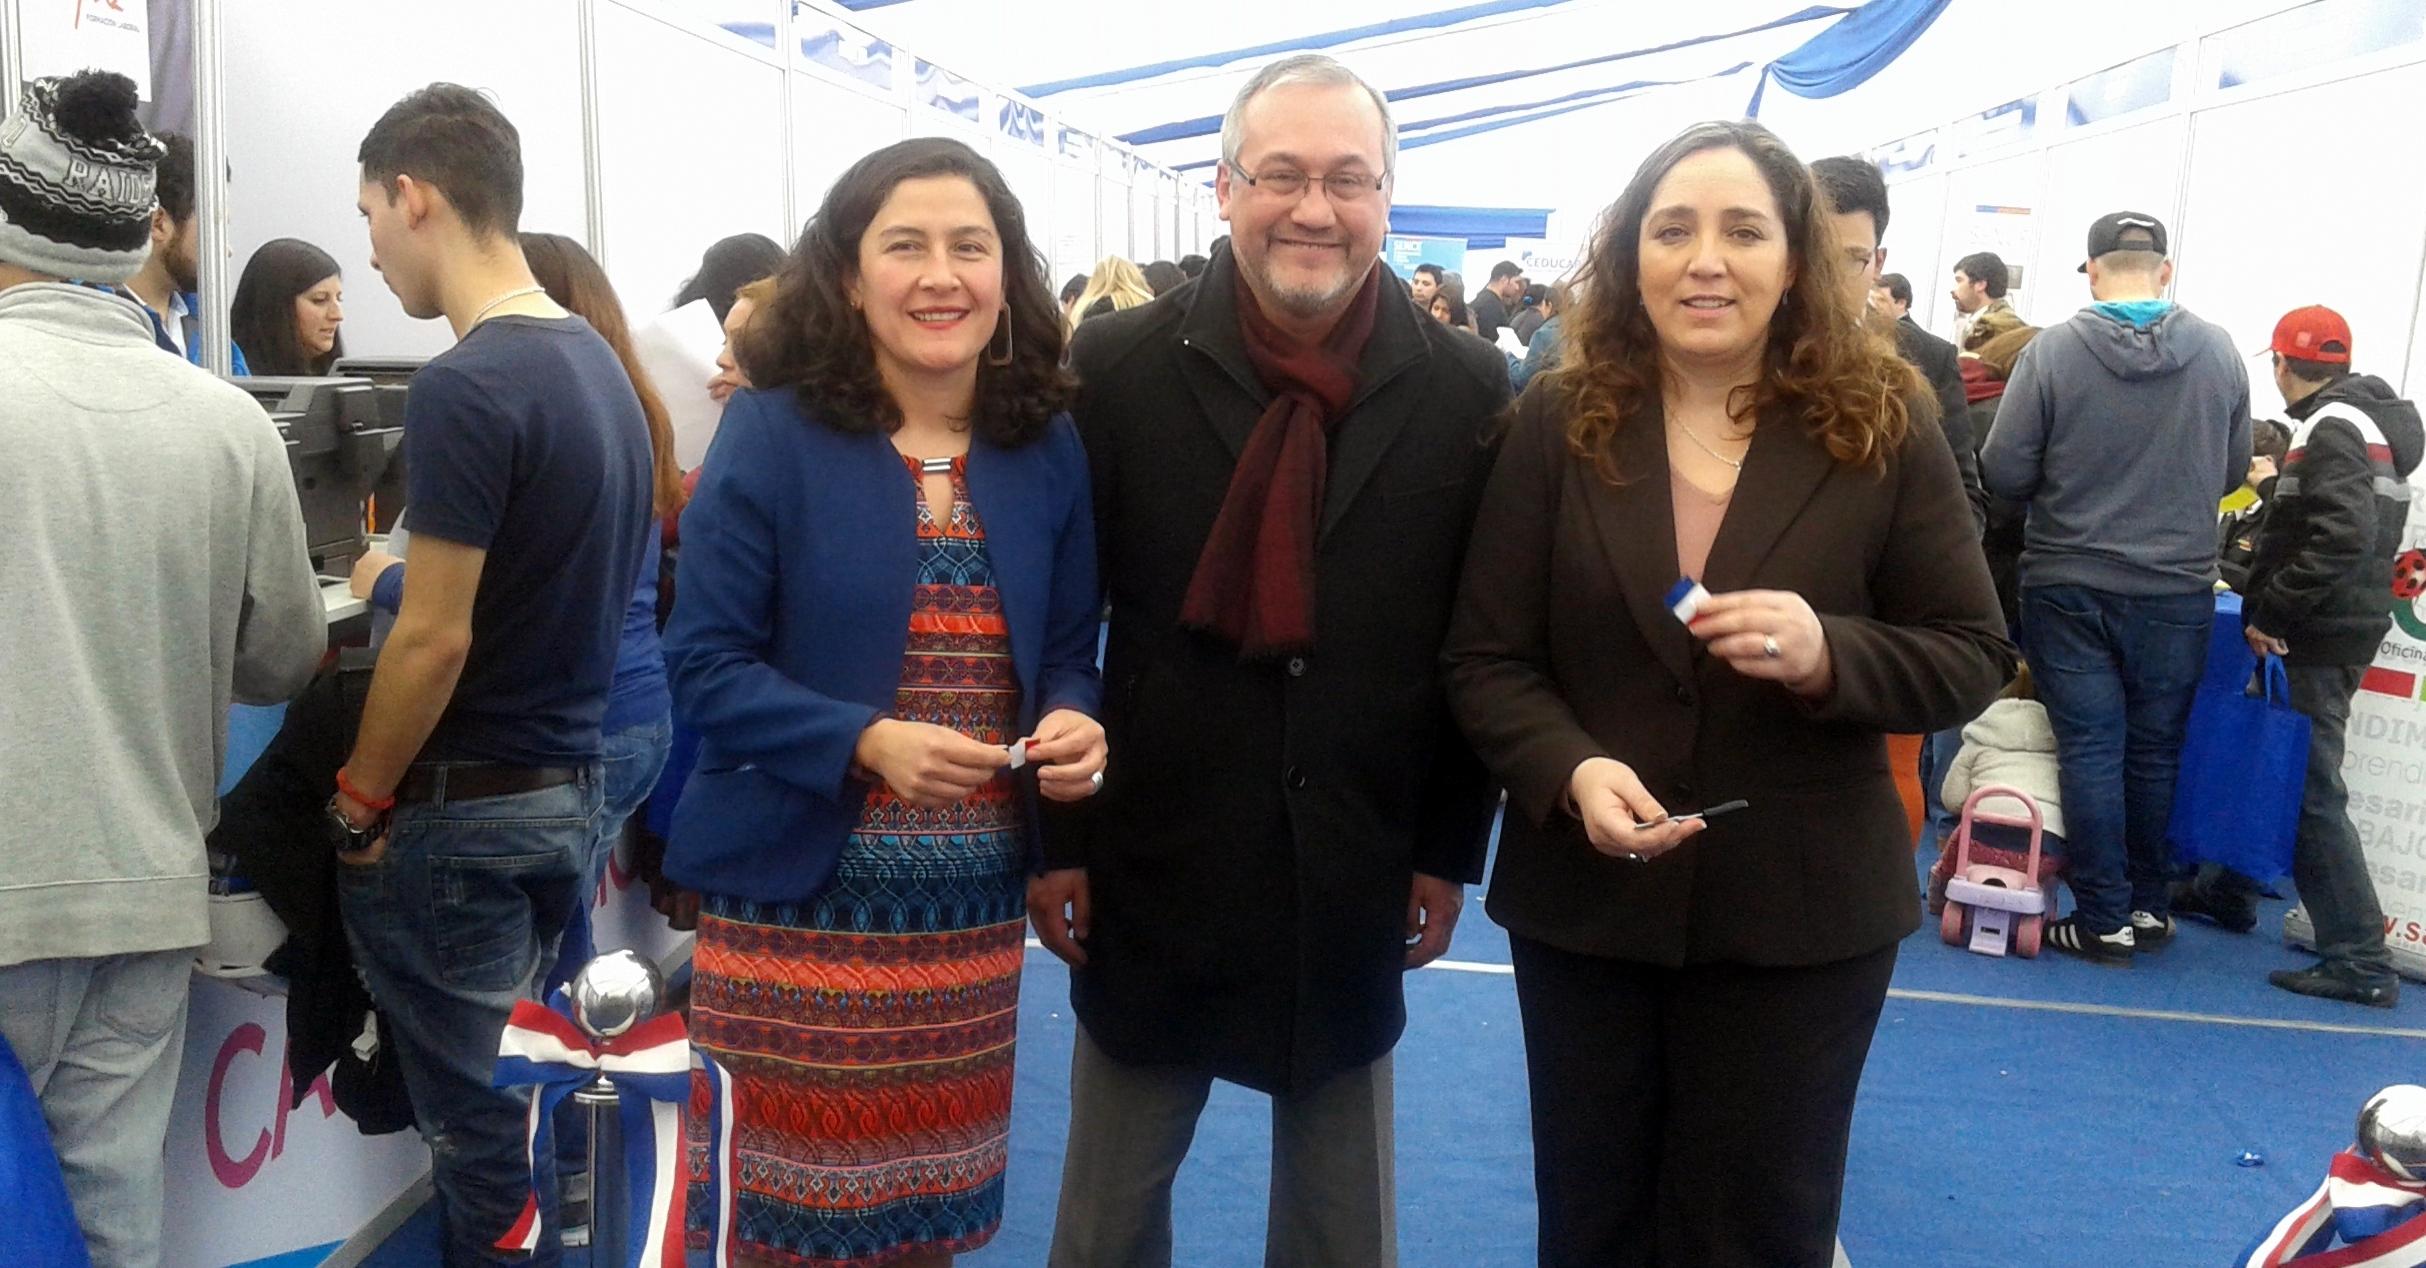 La directora regional Metropolitana, Dinka Tomicic junto al alcalde de San Joaquín, Sergio Echeverría inauguraron la Feria de Capacitación la cual convocó a más de 750 personas.